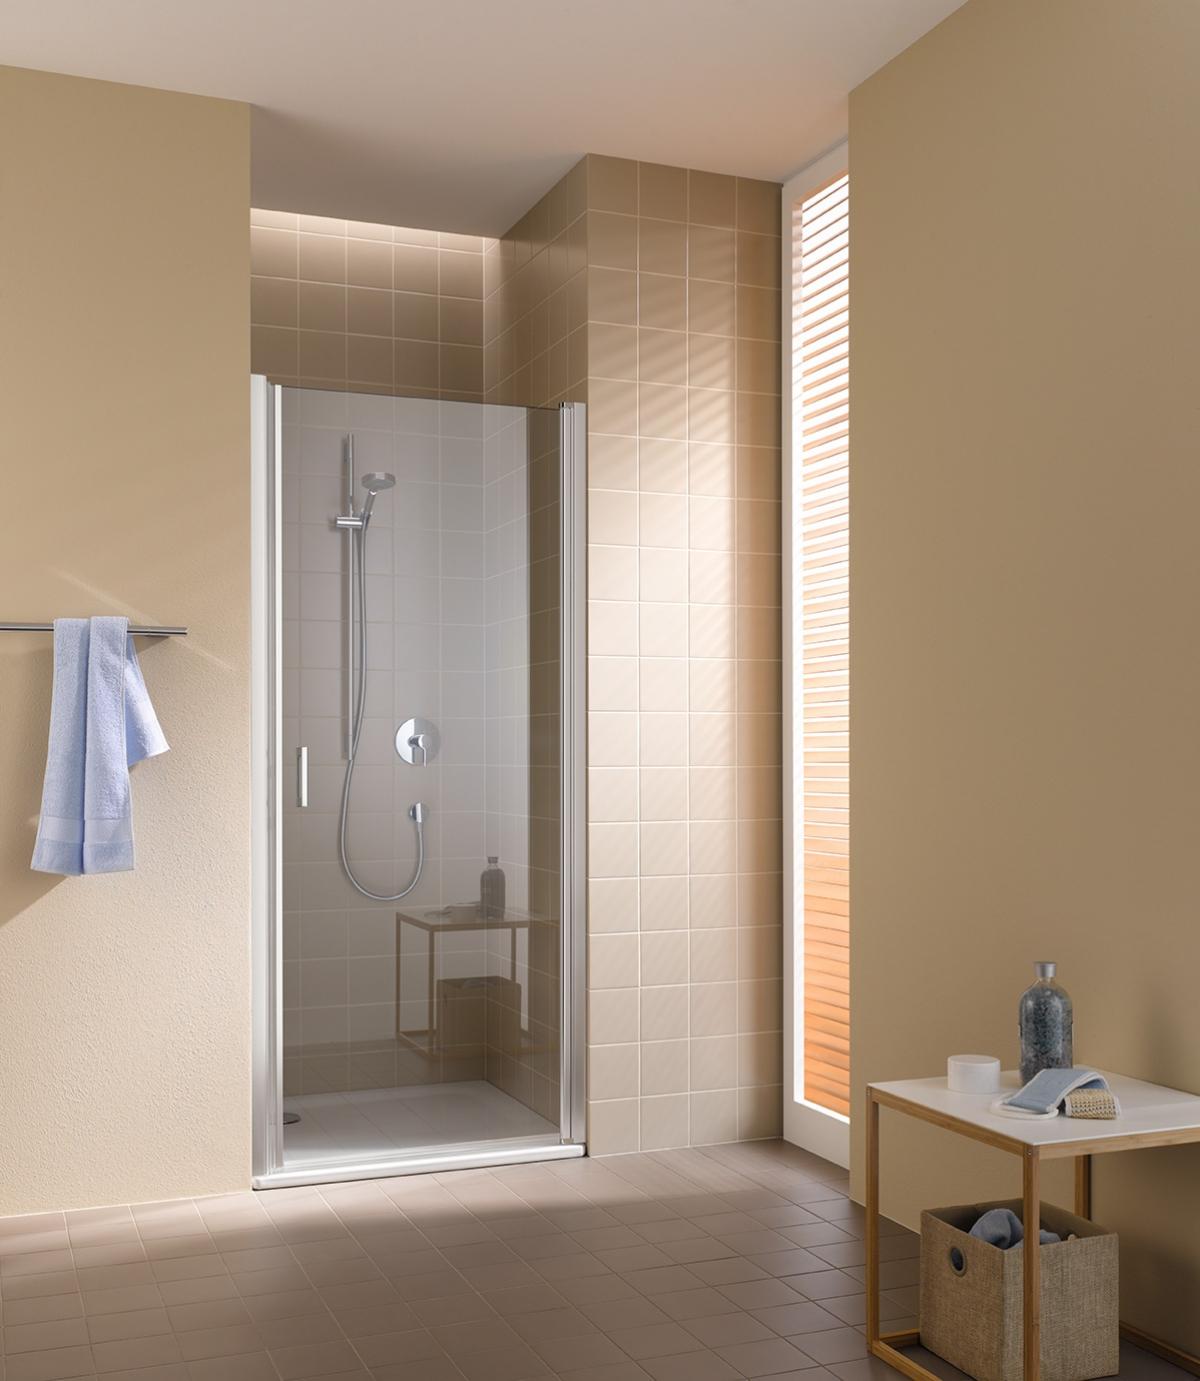 porte battante de douche cadax s kermi induscabel salle de bains chauffage et cuisine. Black Bedroom Furniture Sets. Home Design Ideas